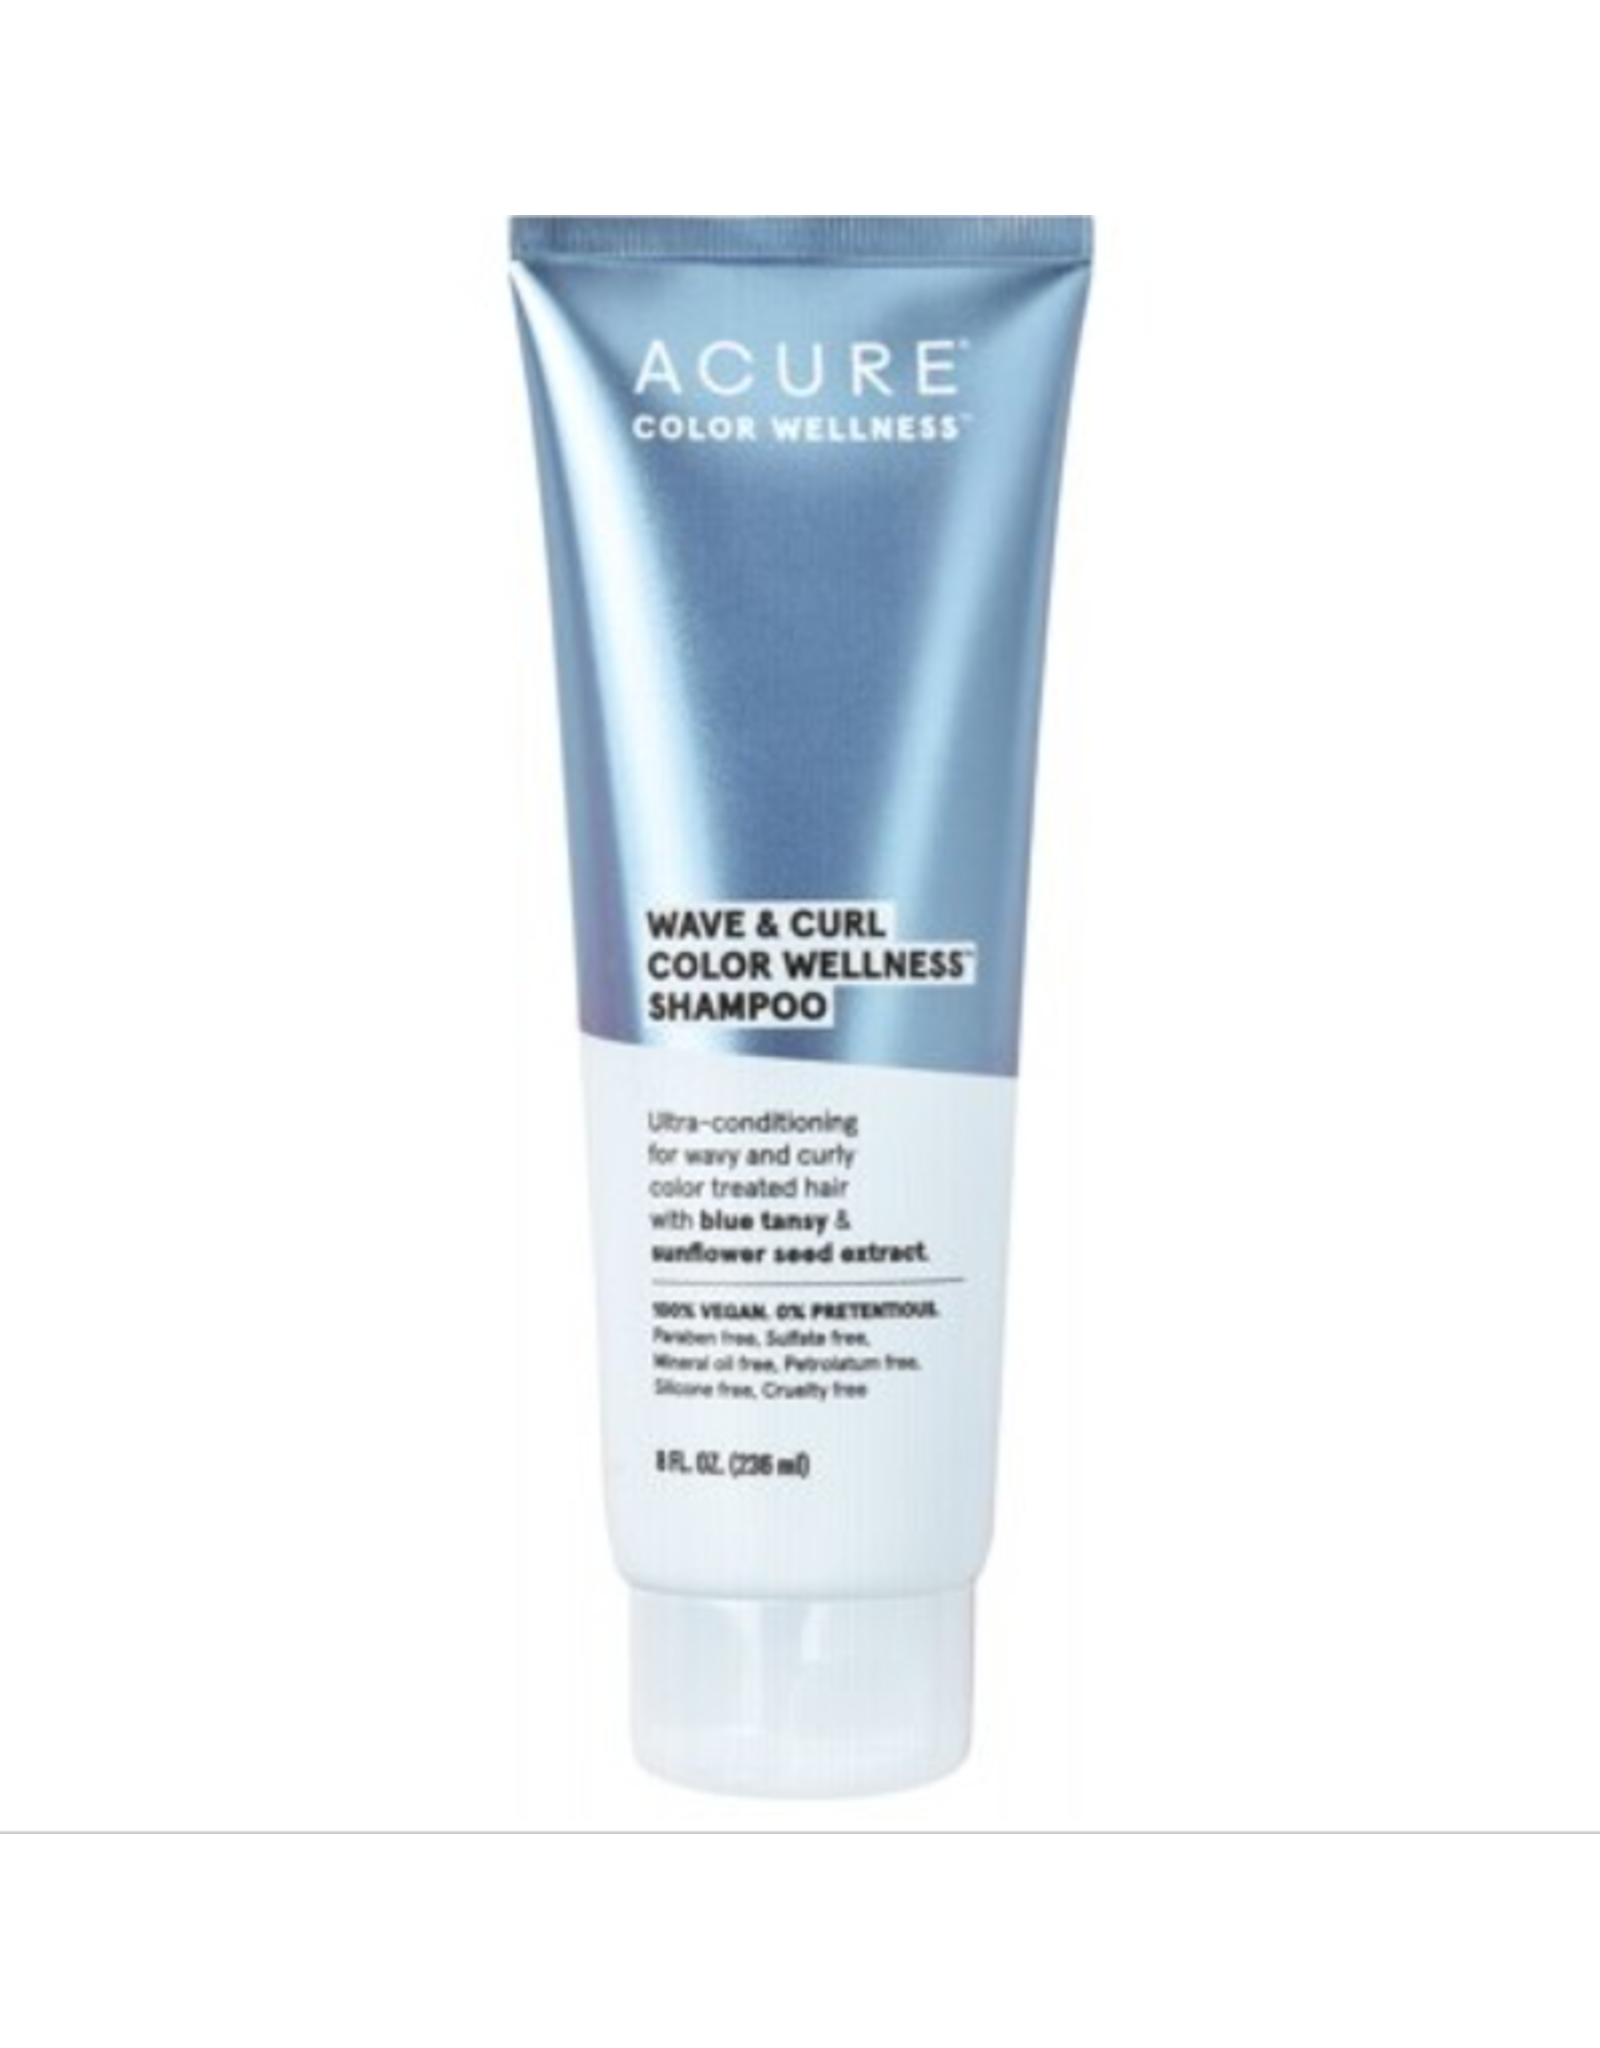 Acure Wave & Curl Colour Wellness Shampoo 236ml